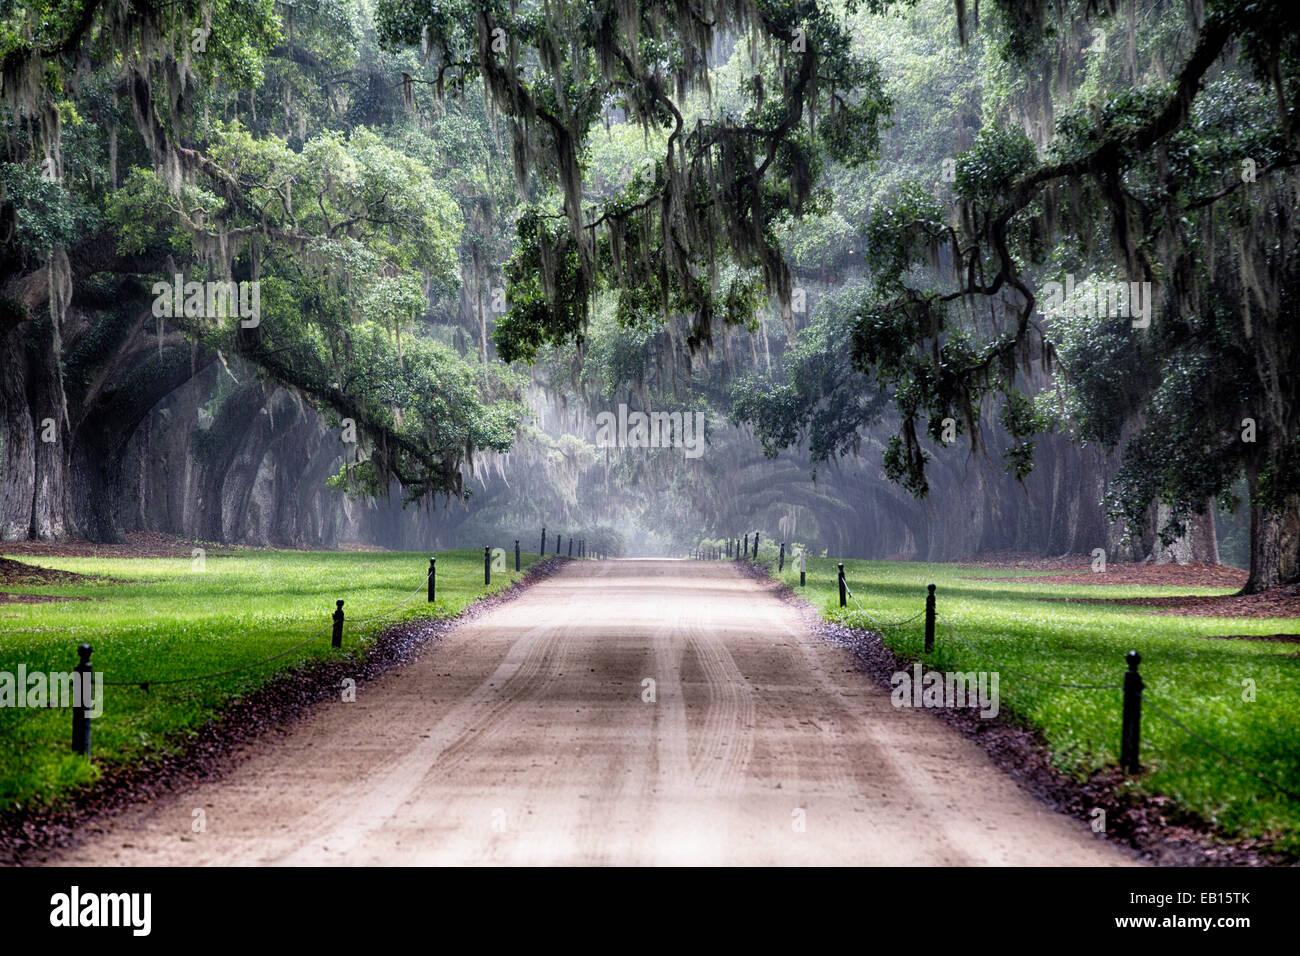 Chêne Arbre ramifiée sur une route de campagne, l'Avenue des chênes, Boone Hall Plantation, Mt Photo Stock